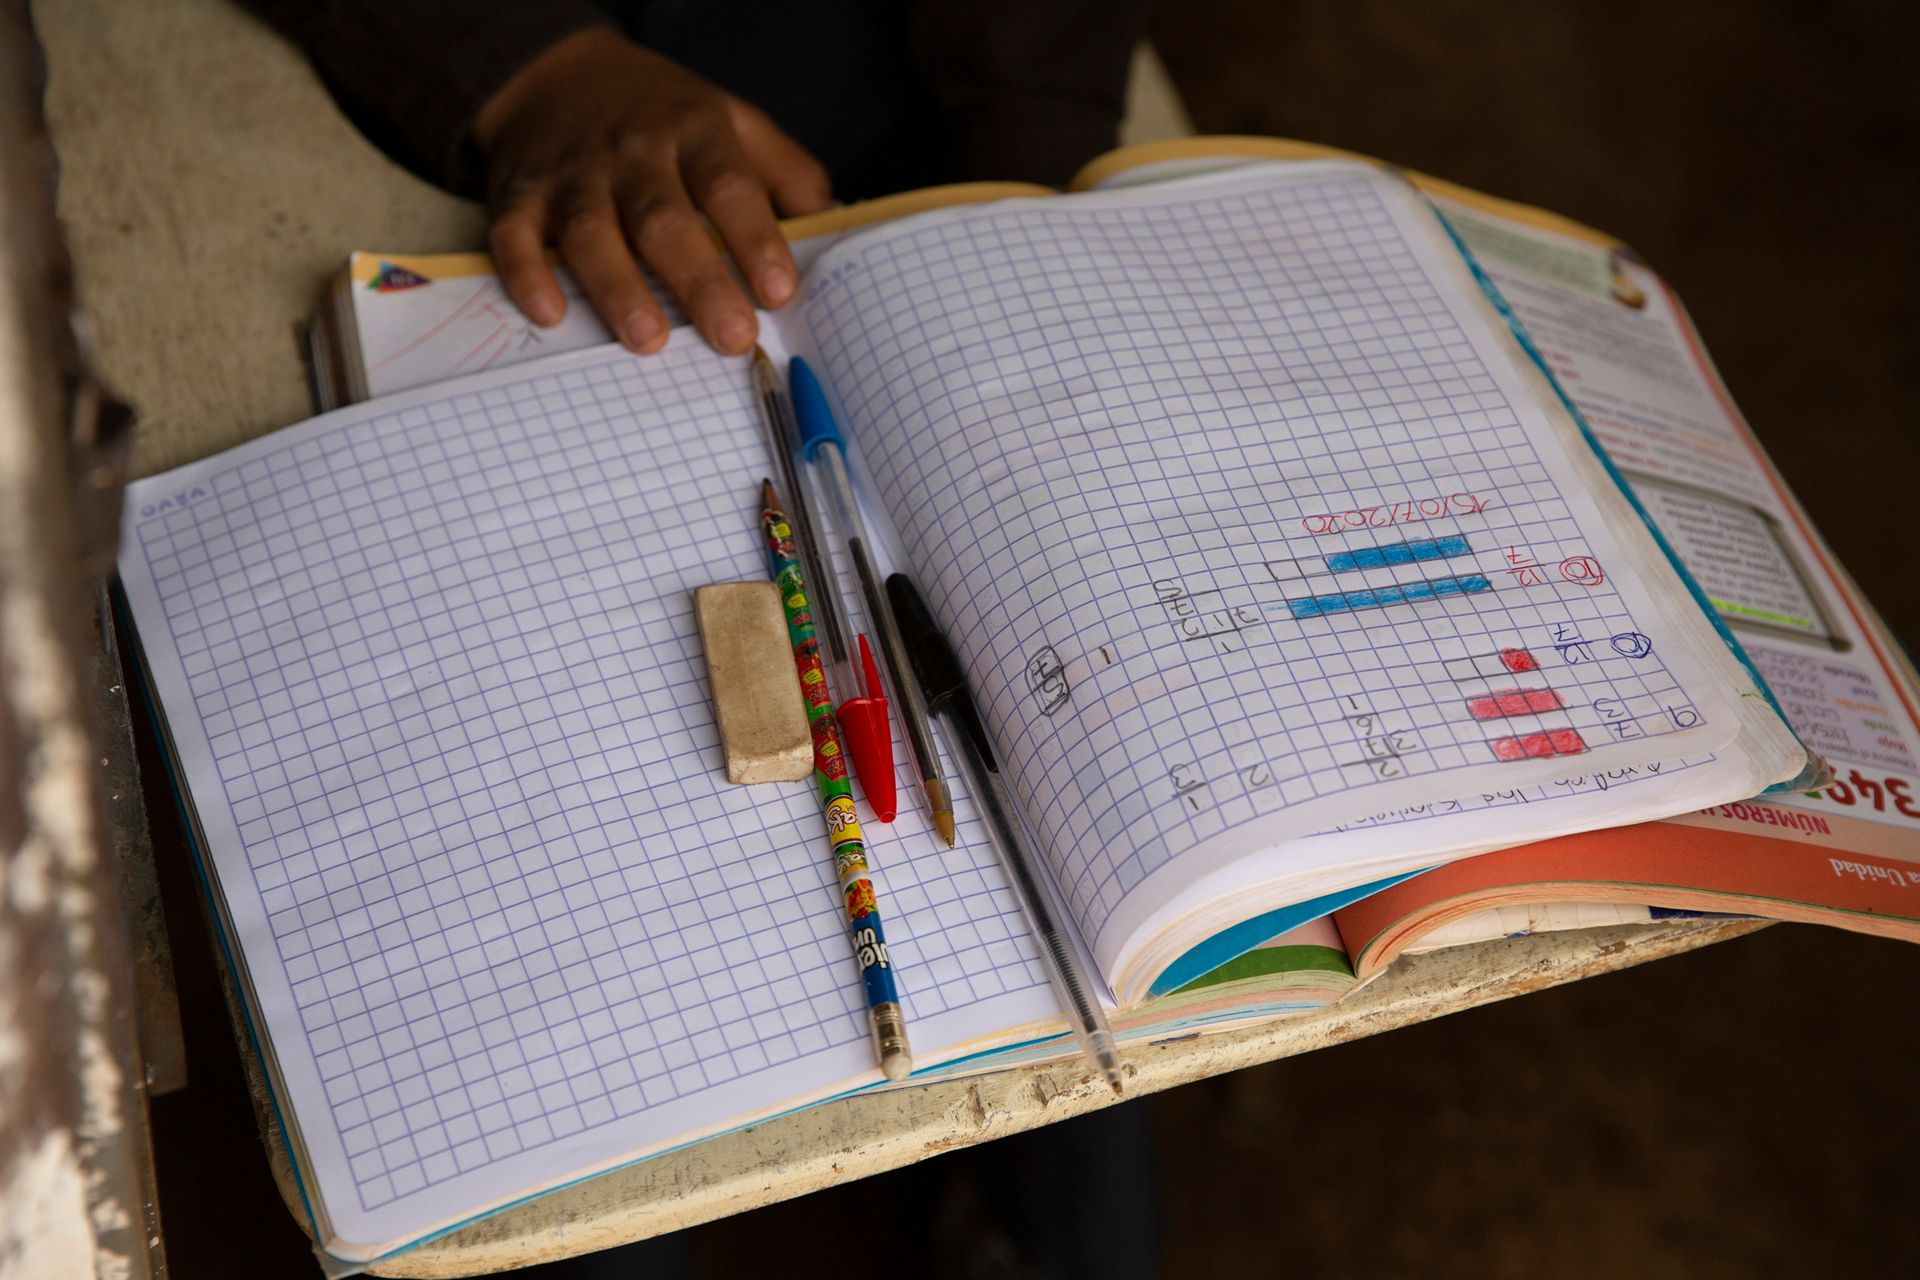 Los alumnos esperan al maestro con todo sus elementos, ansiosos por tomar la clases, que es también una distracción en medio del encierro